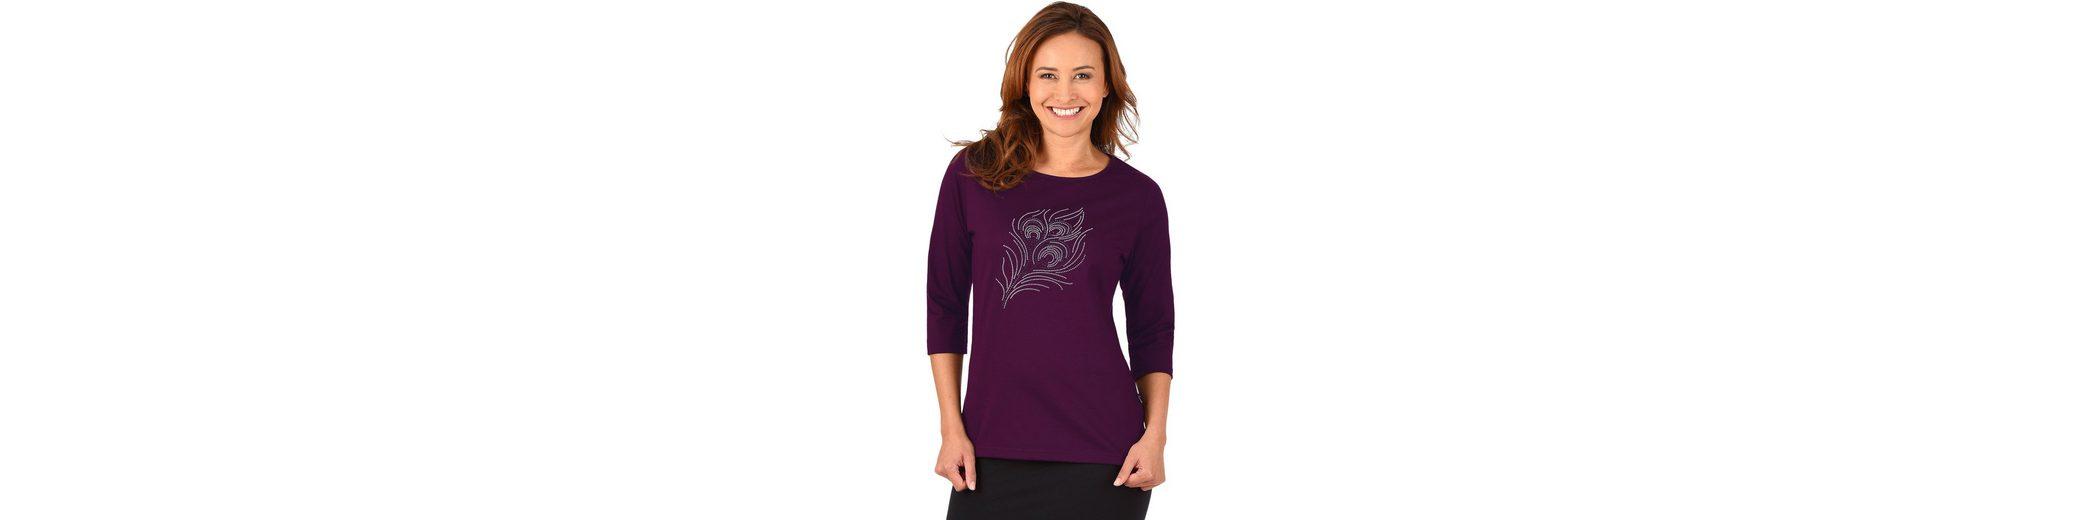 Billig Verkaufen Gefälschte Erschwinglicher Verkauf Online TRIGEMA Shirt Pfau Modestil Authentisch Websites Online-Verkauf jVOwhx